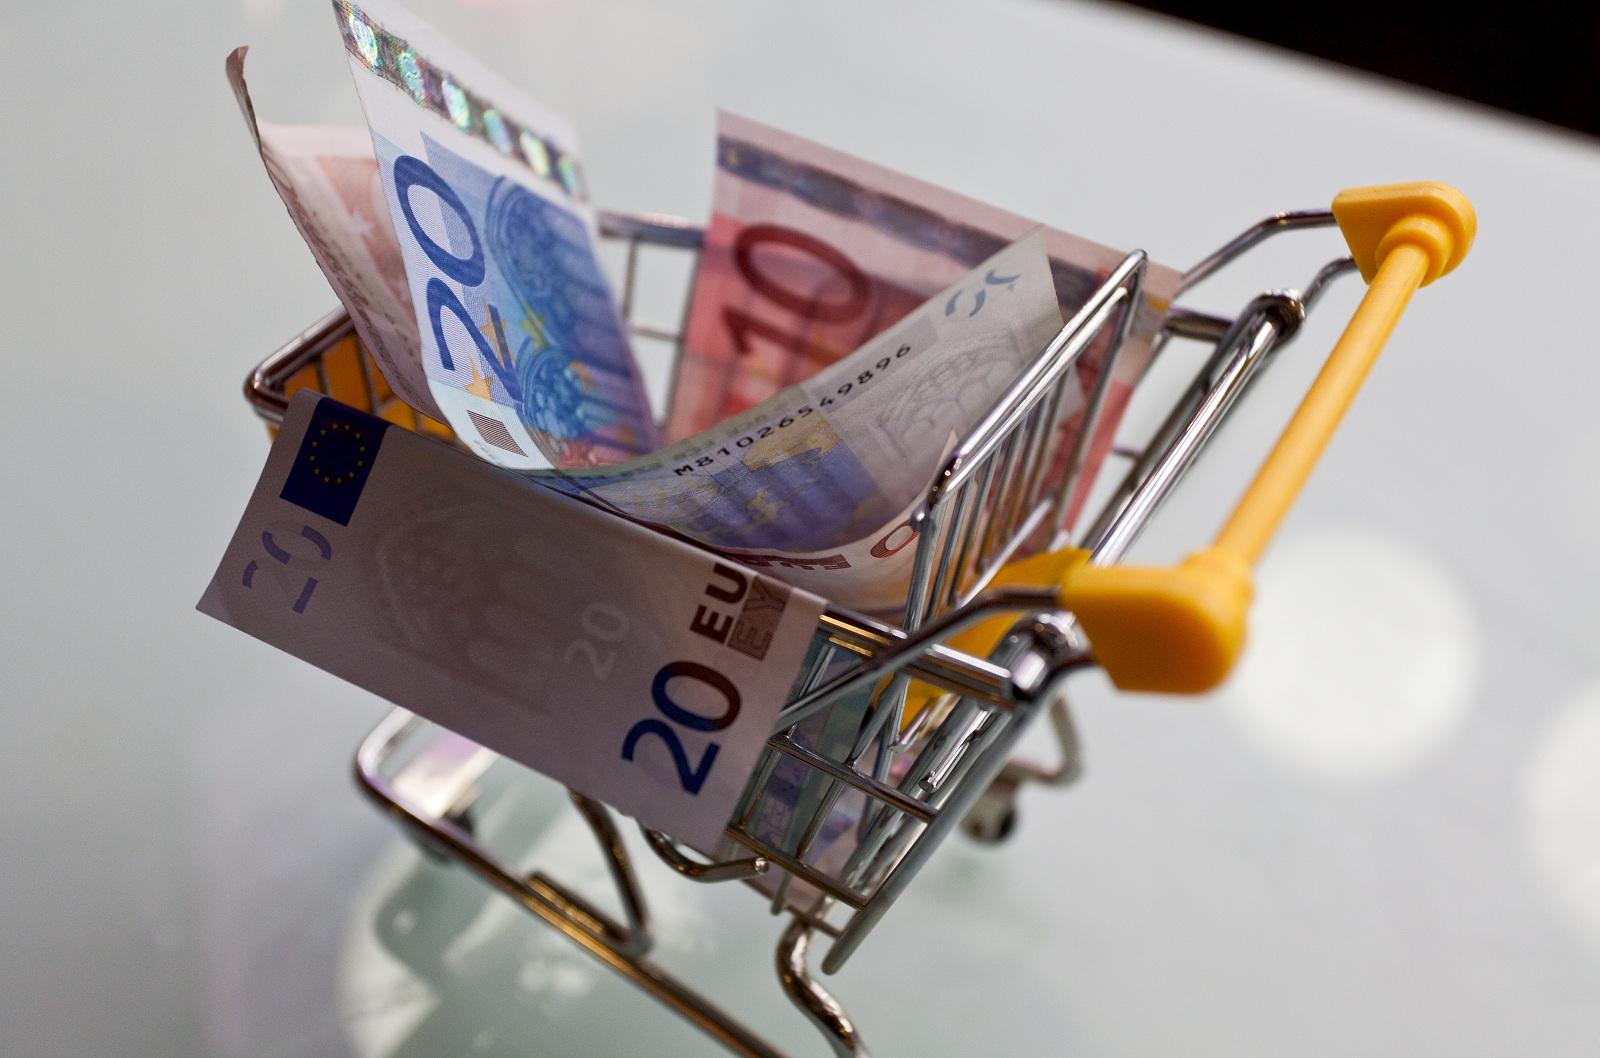 4 Cara Tukar Uang Saat Liburan di Luar Negeri